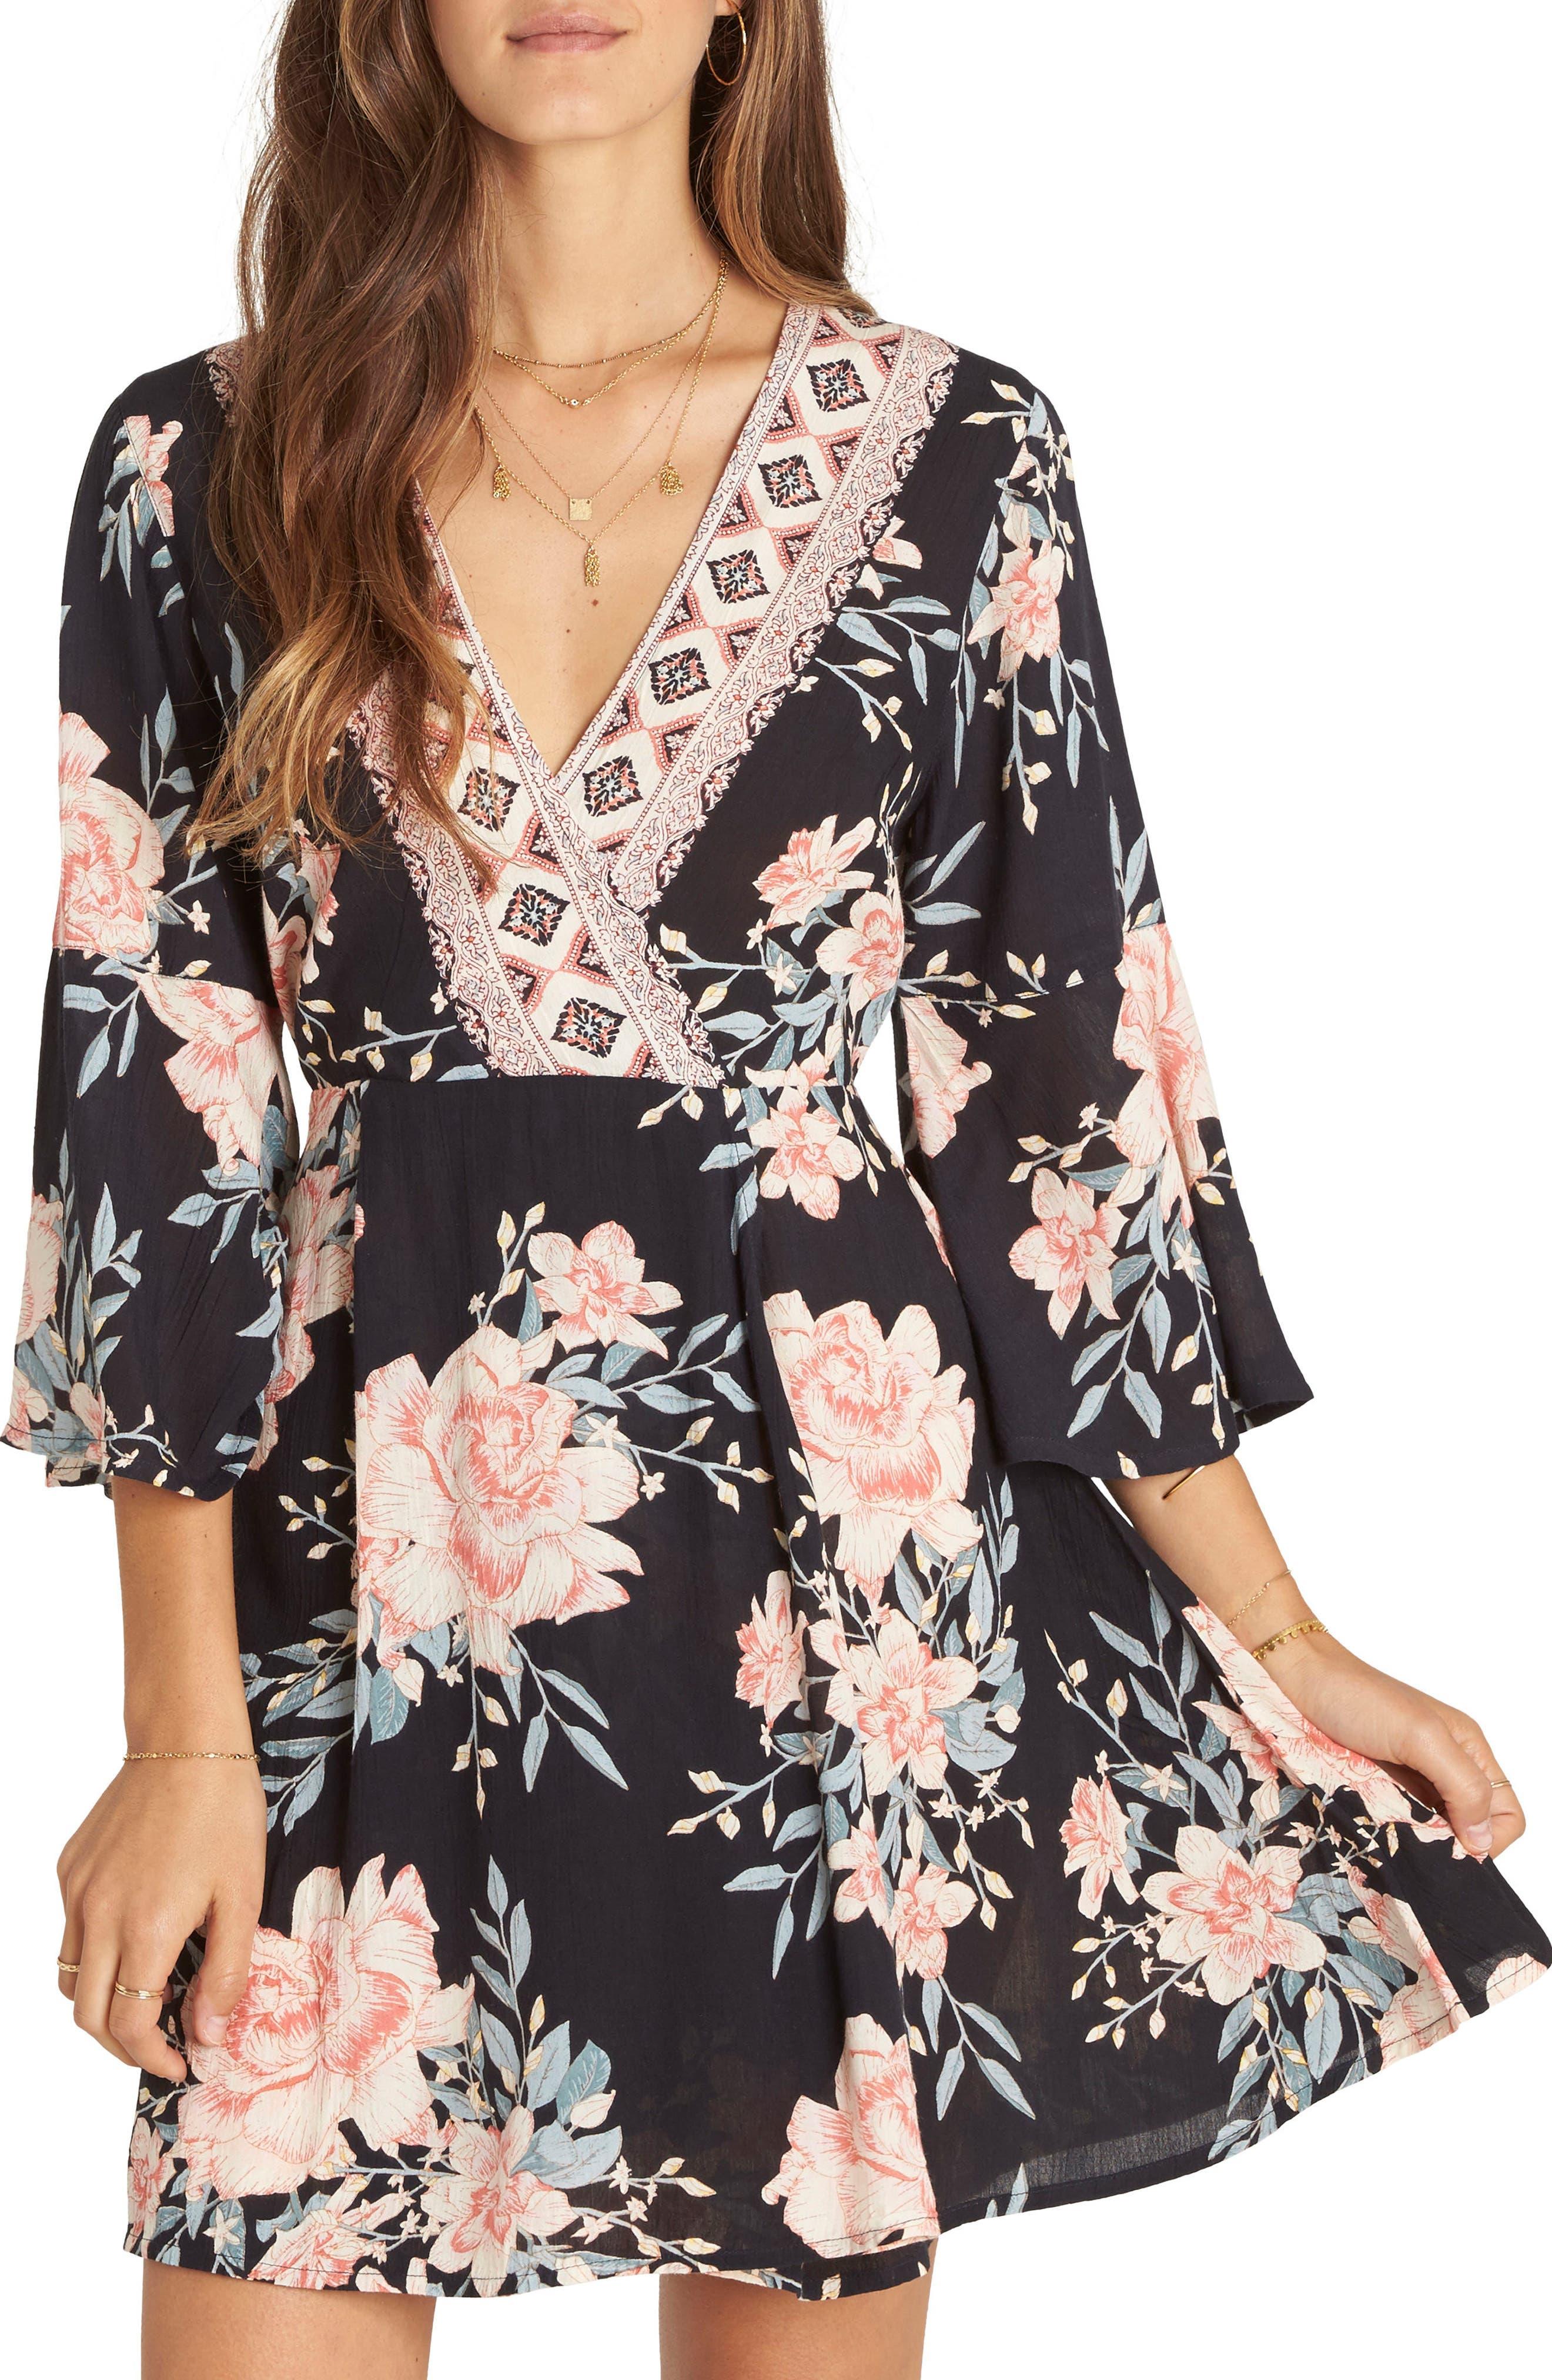 Divine Floral Dress,                             Main thumbnail 1, color,                             Black